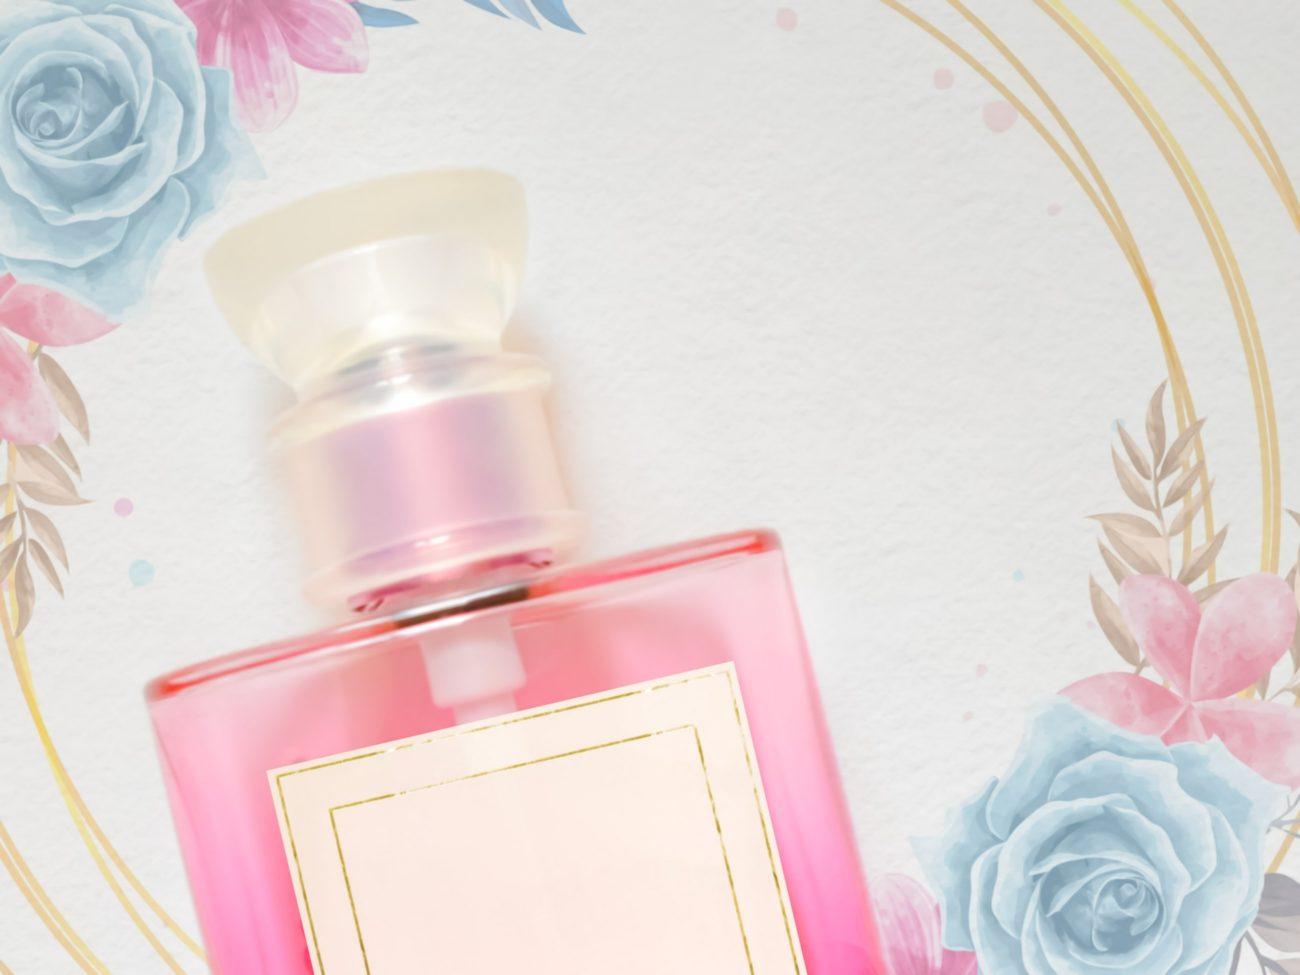 ディオールを代表する人気の香水12選!レディース・メンズ別まとめ